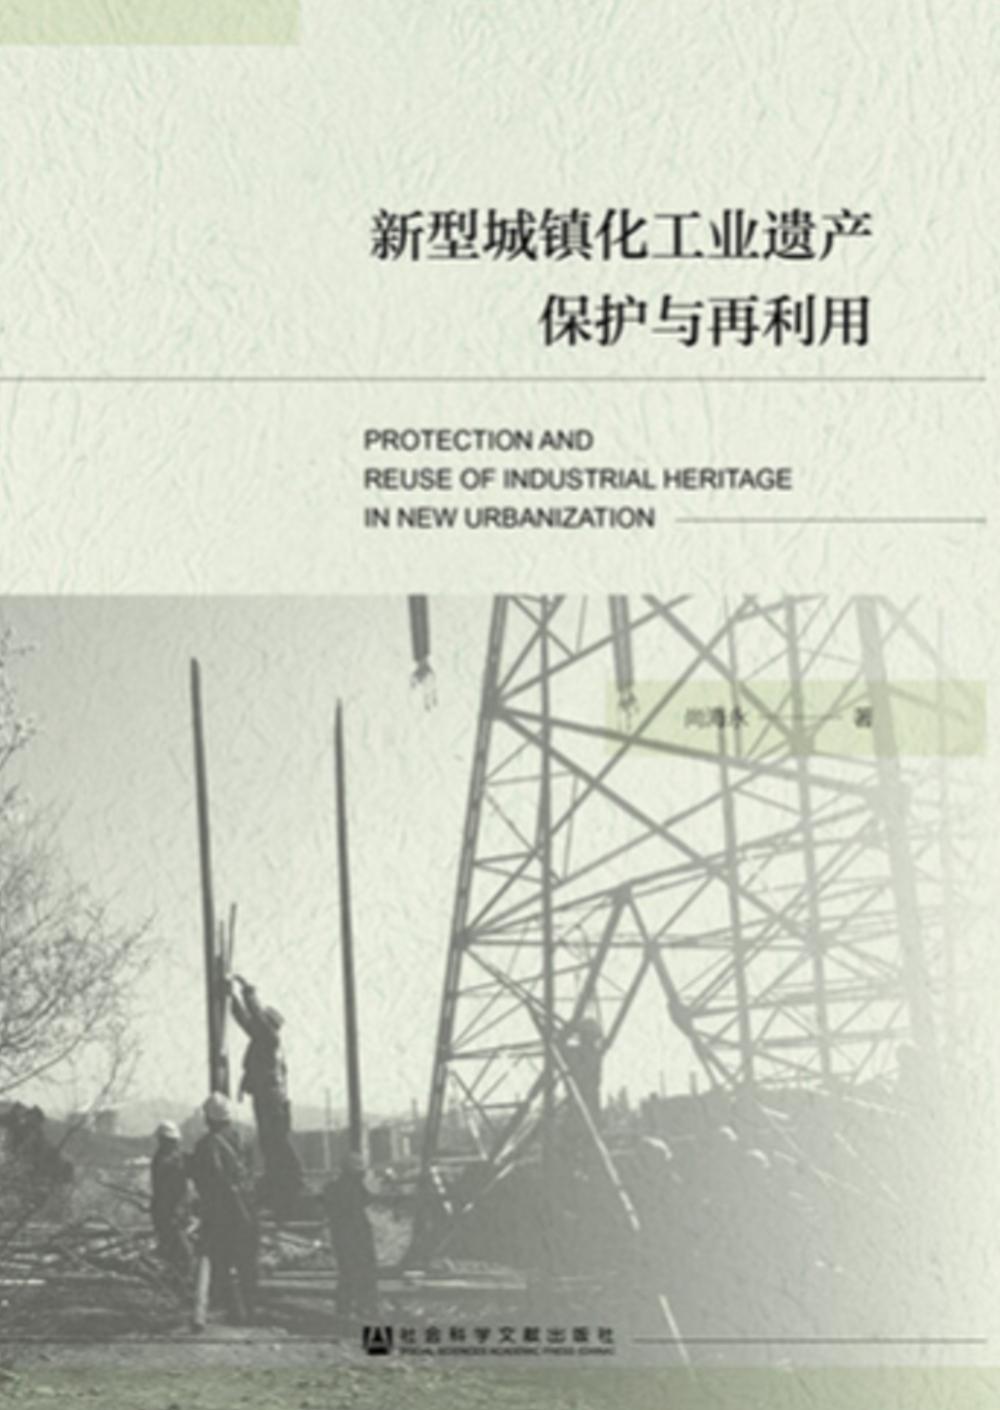 新型城鎮化工業遺產保護與再利用